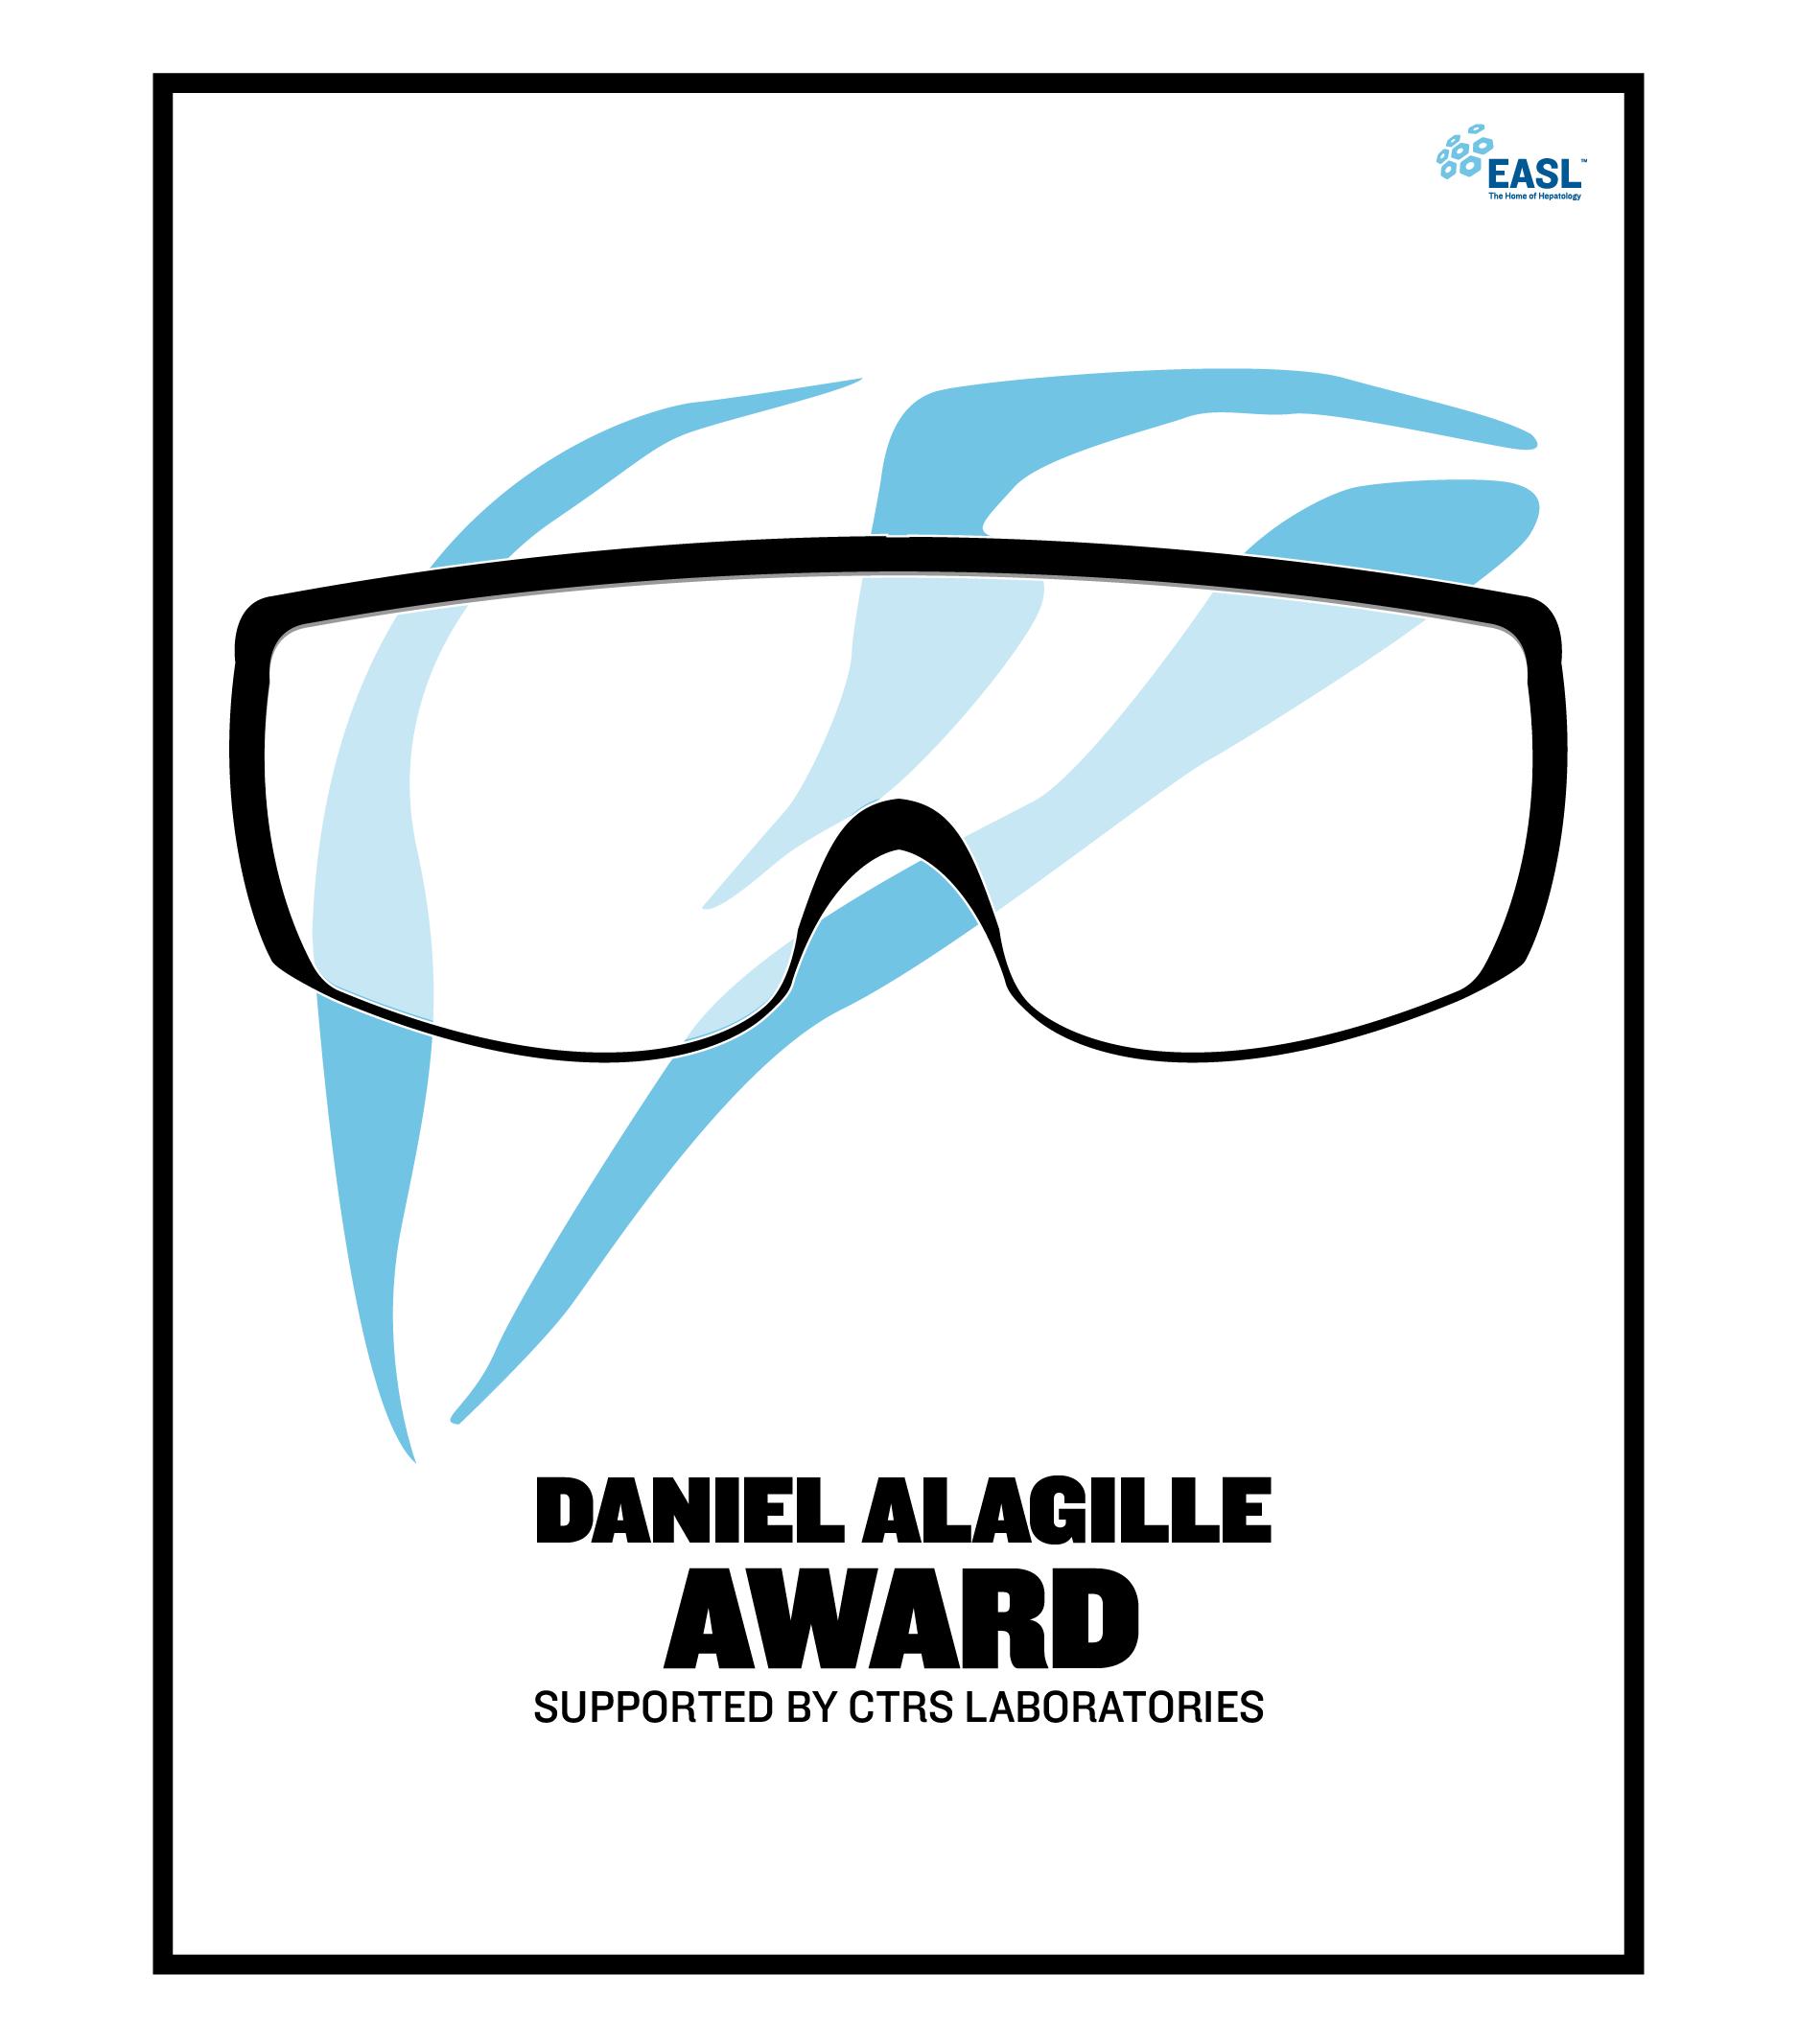 DanielAlagille-rgb-01